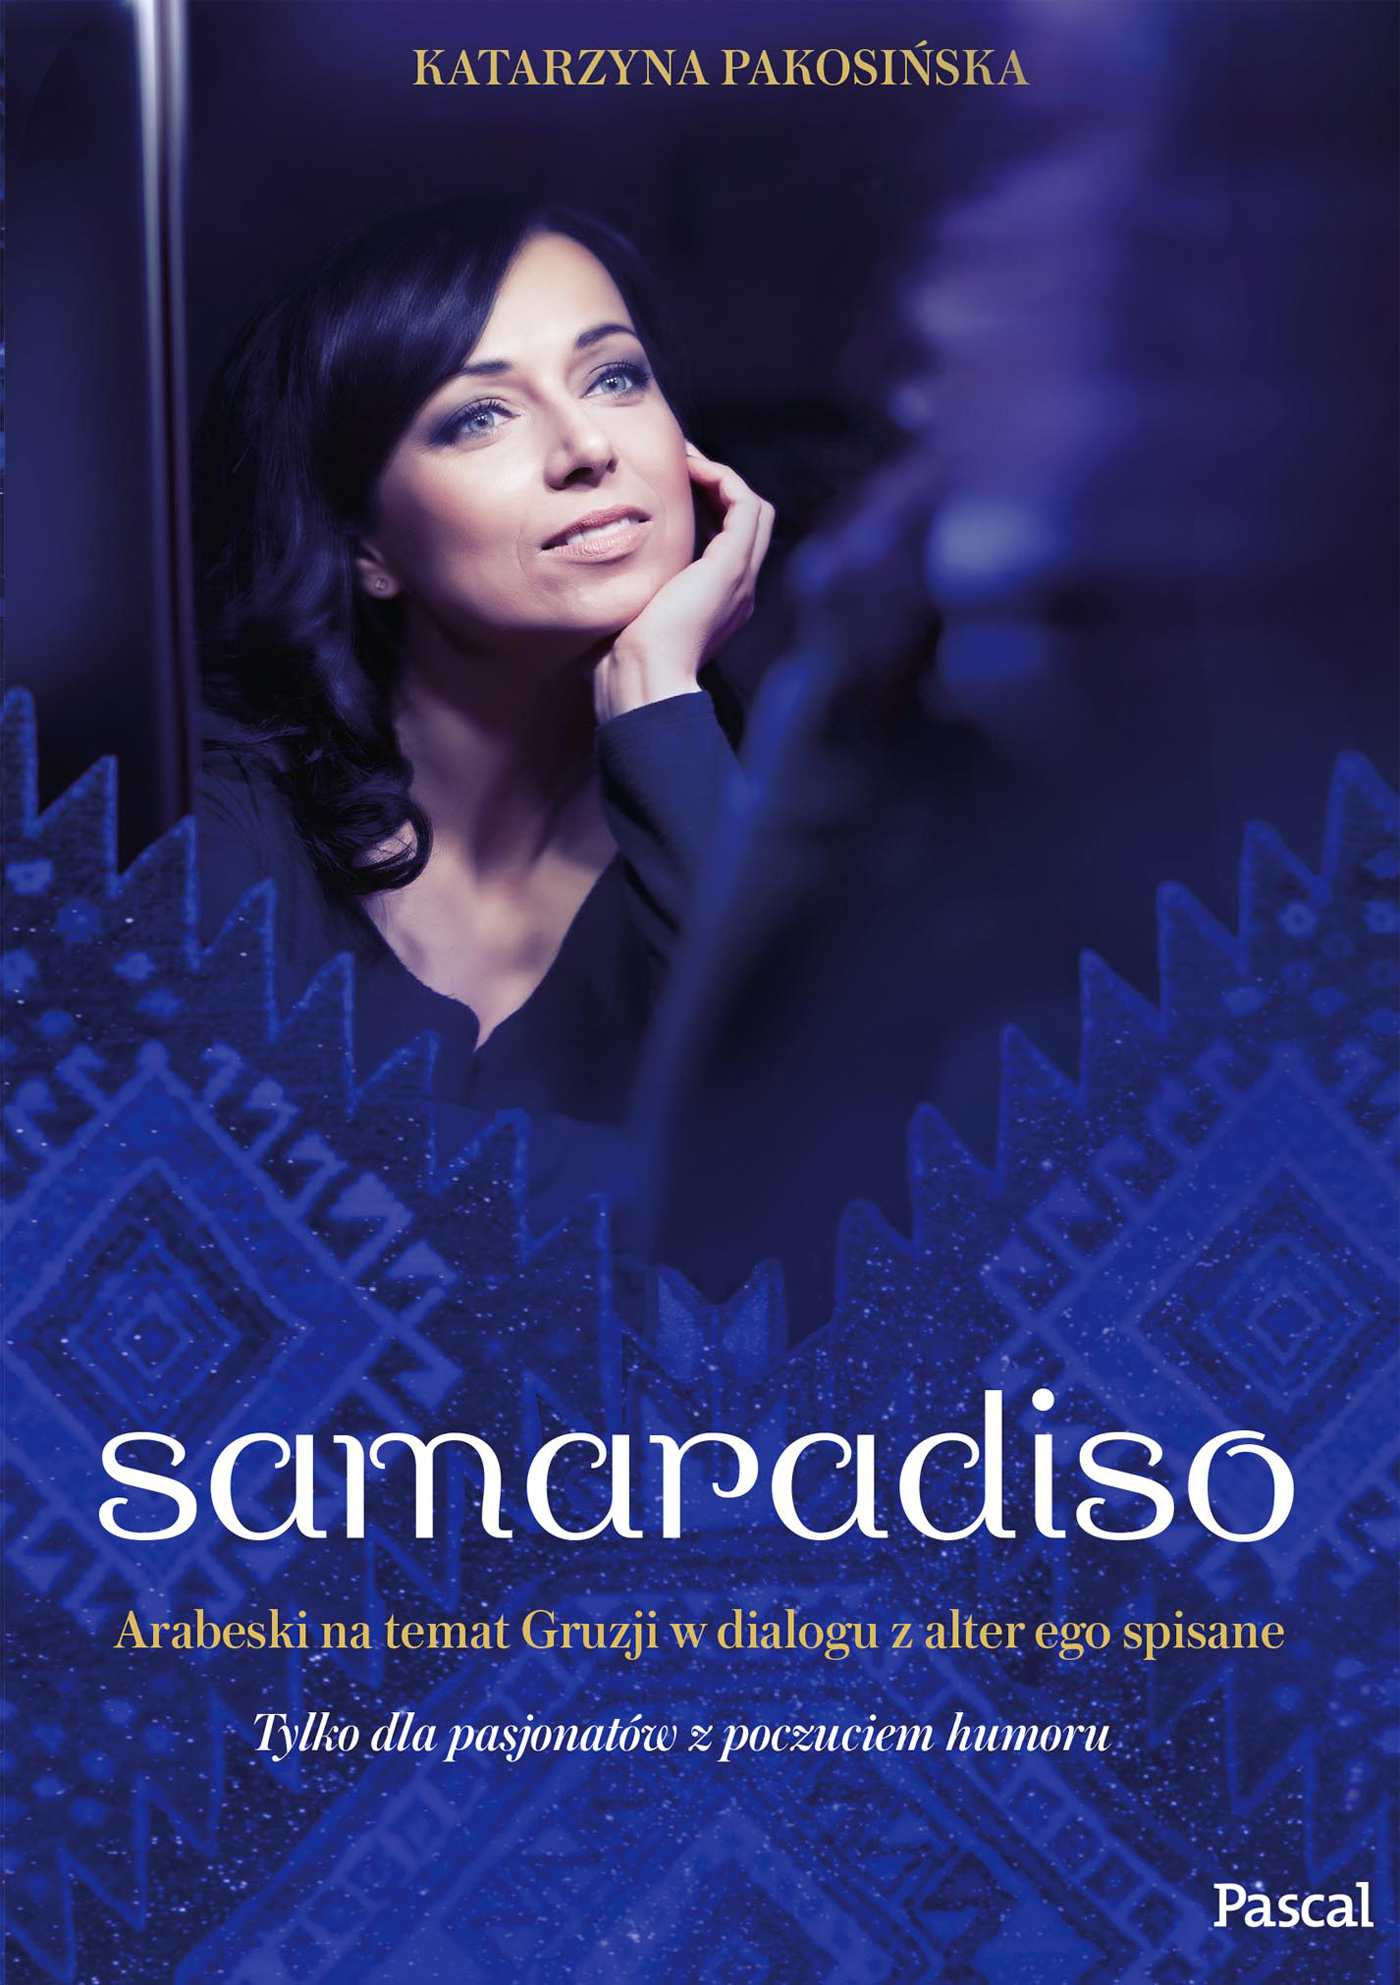 Samaradiso - Ebook (Książka EPUB) do pobrania w formacie EPUB